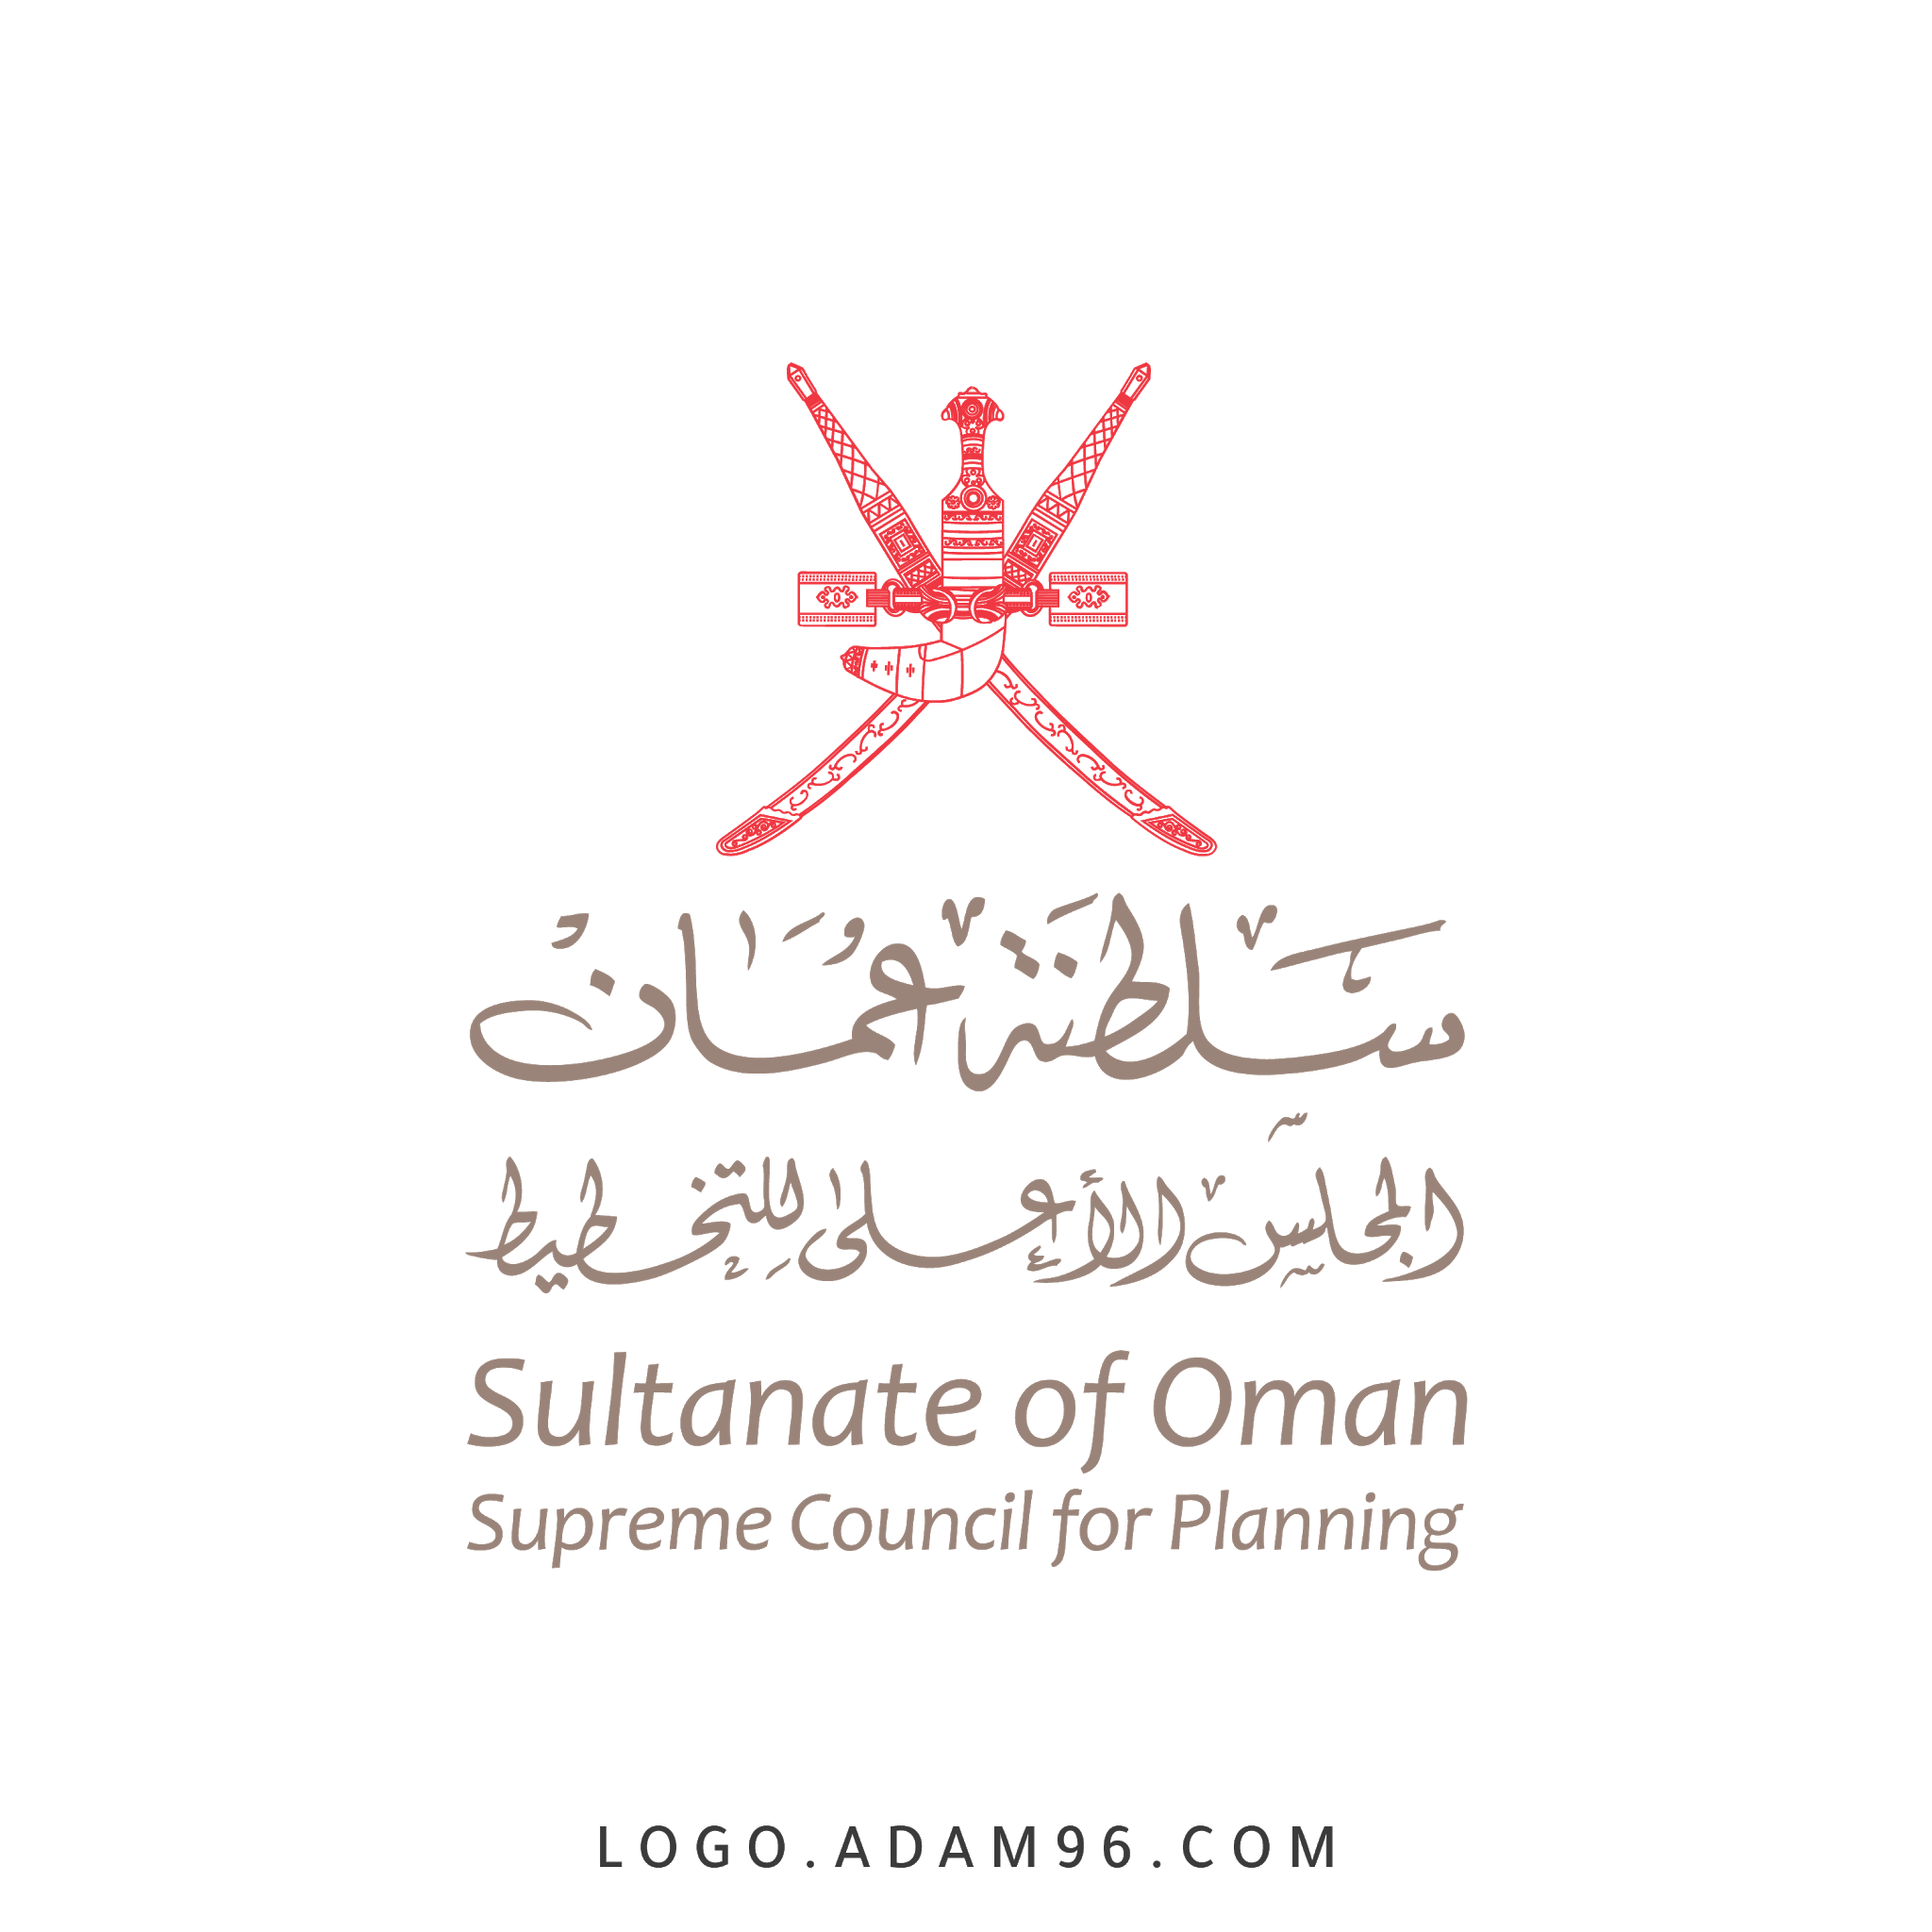 تحميل شعار المجلس الأعلى للتخطيط لوجو رسمي عالي الجودة PNG